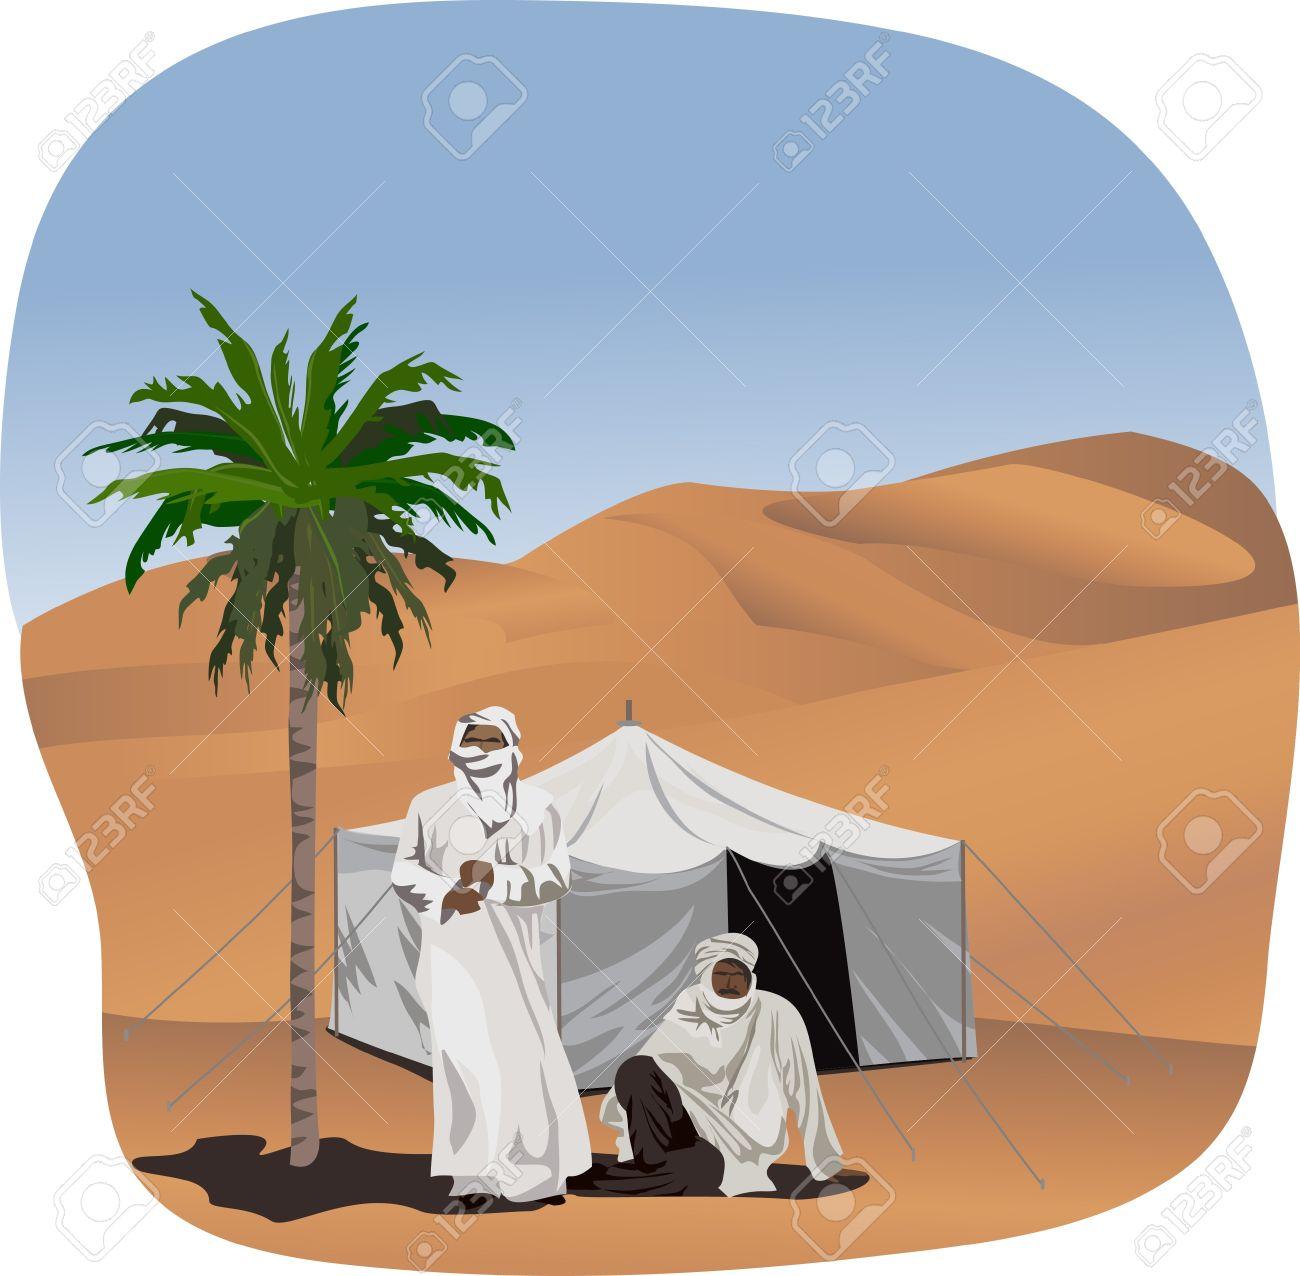 Bedouin tent clipart.